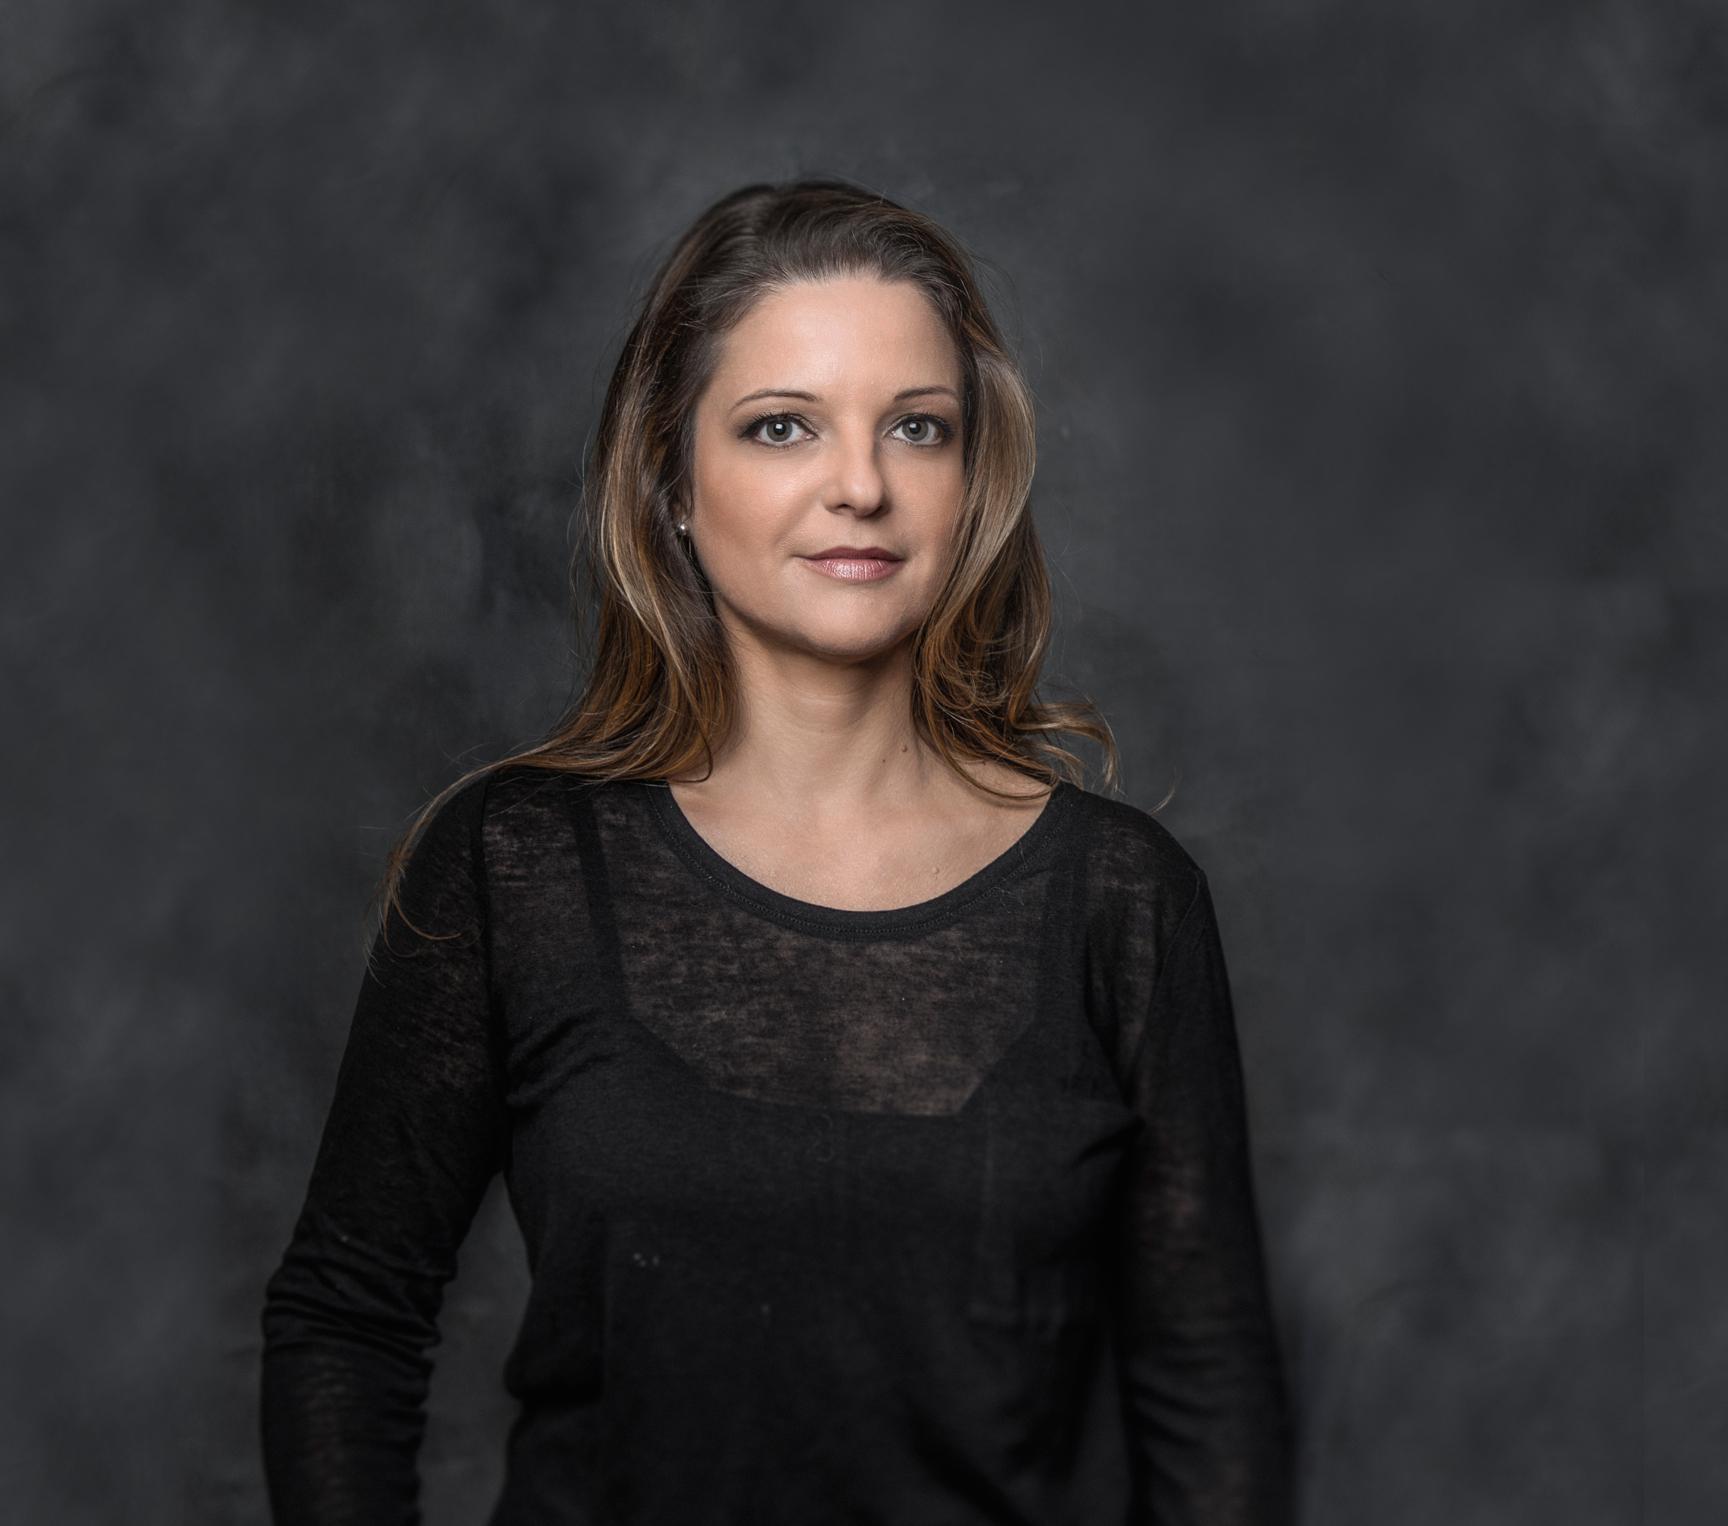 Guylaine Maroist nommée au sein de l'ONG Pugwash